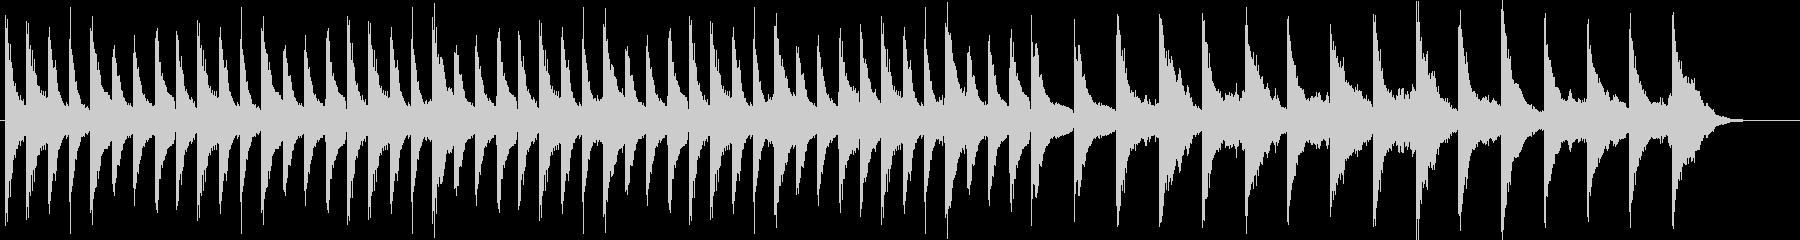 ノスタルジックなピアノコードと浮遊感の未再生の波形